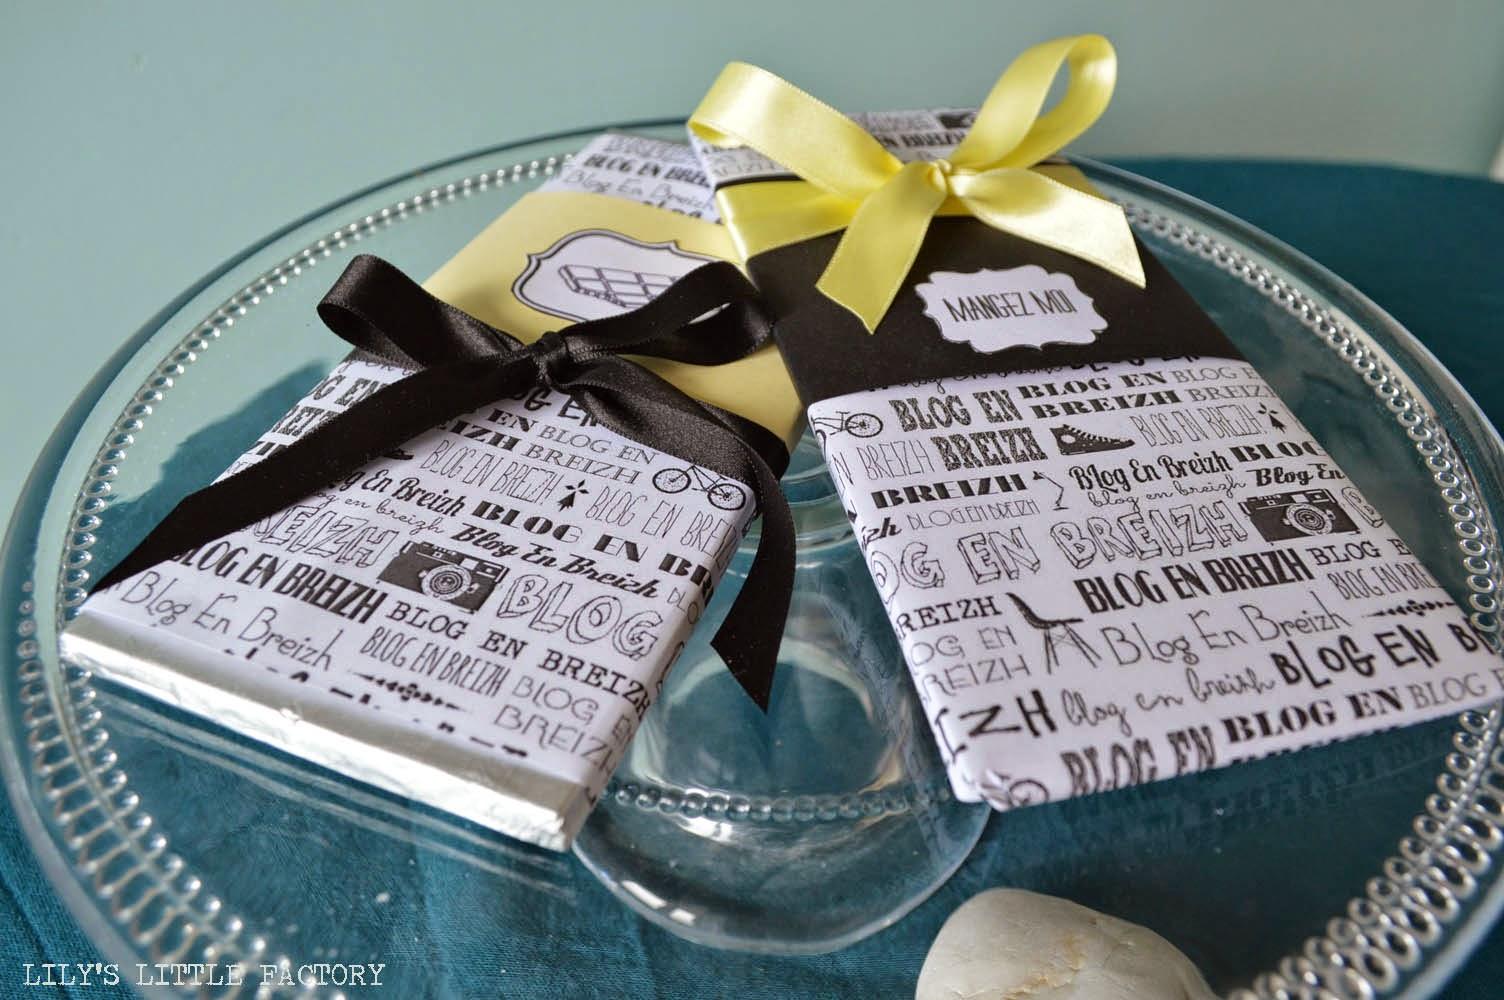 Diy les tablettes de chocolat personnalis es blog en breizh l 39 v nementiel pour blogueurs - Emballage tablette chocolat a imprimer gratuit ...